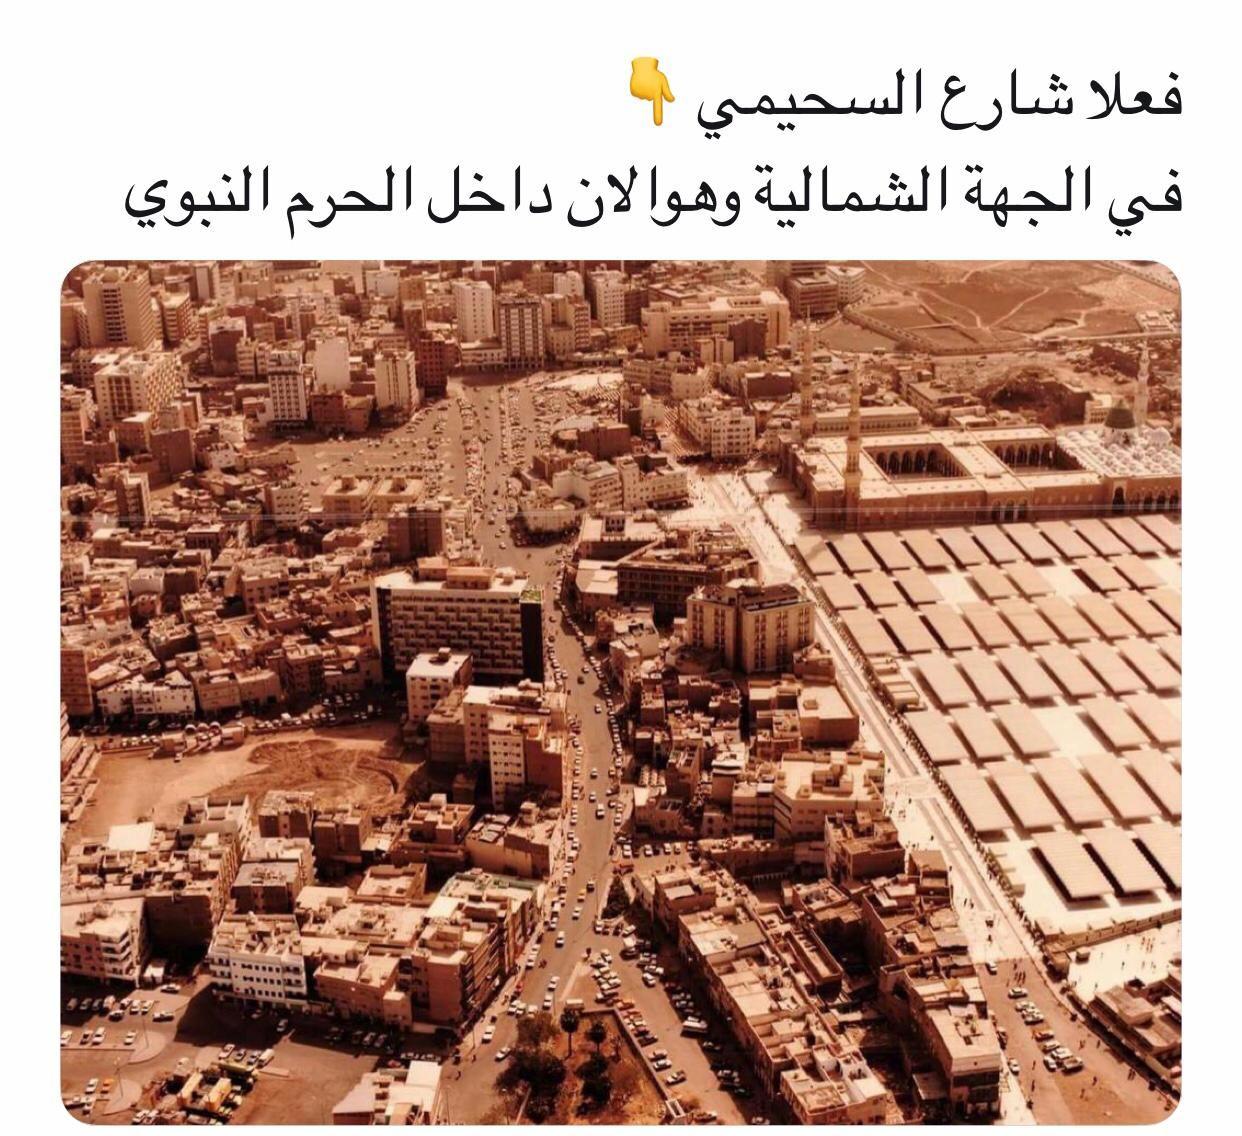 المدينة المنورة Al Masjid An Nabawi History Of Islam Masjid